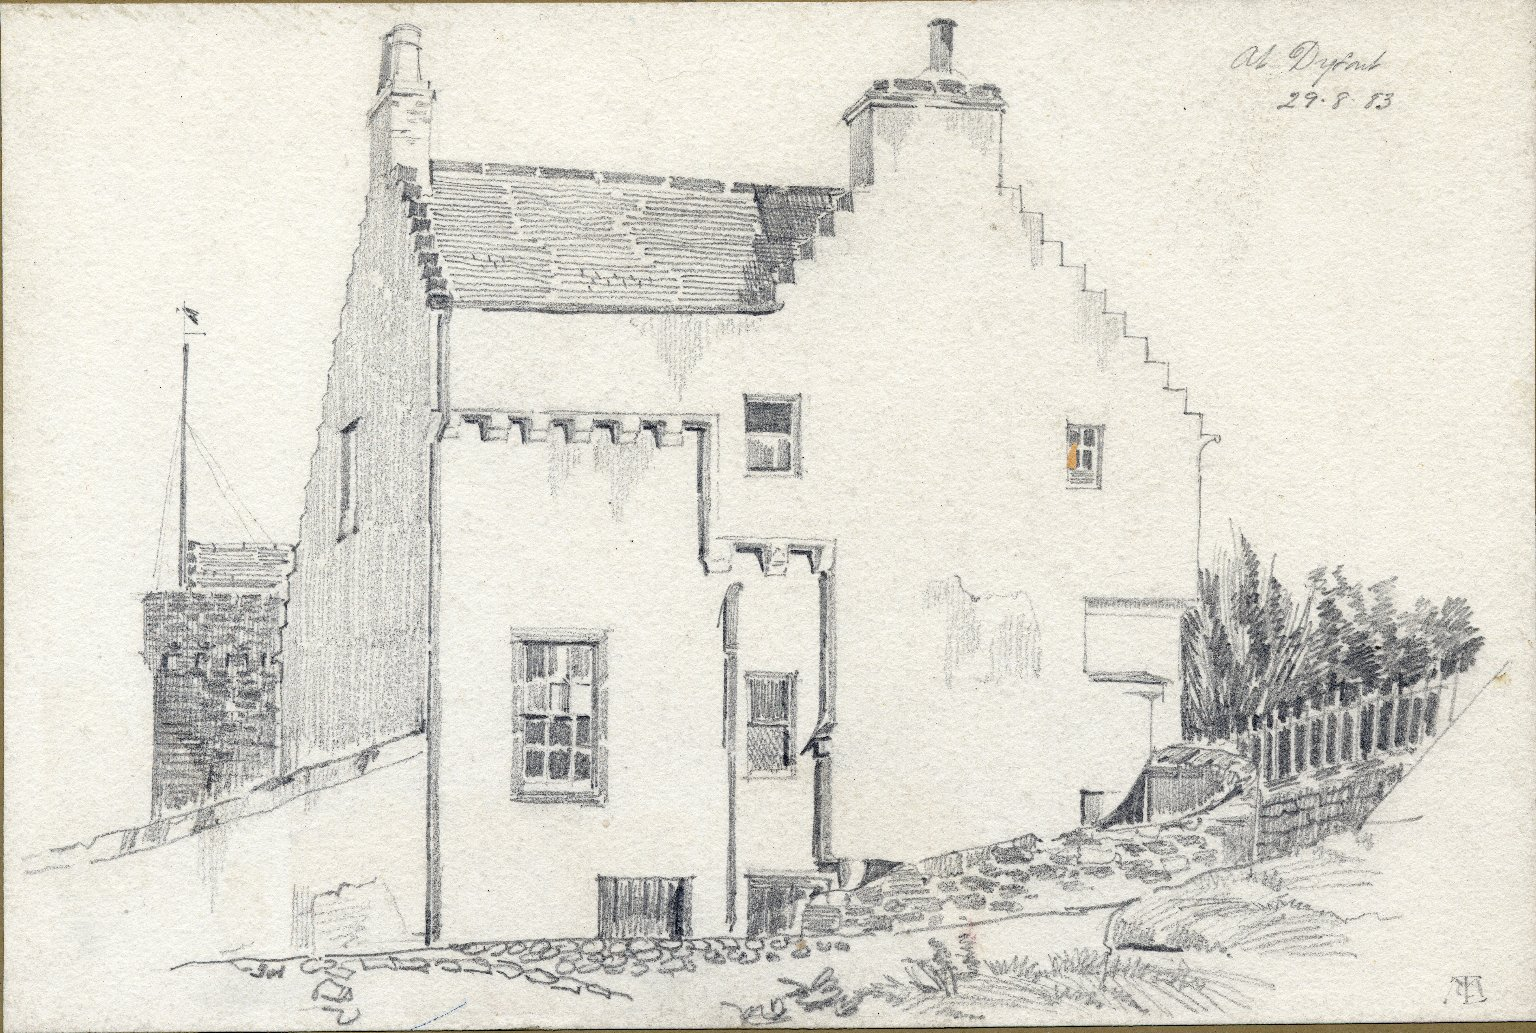 House at Dysart